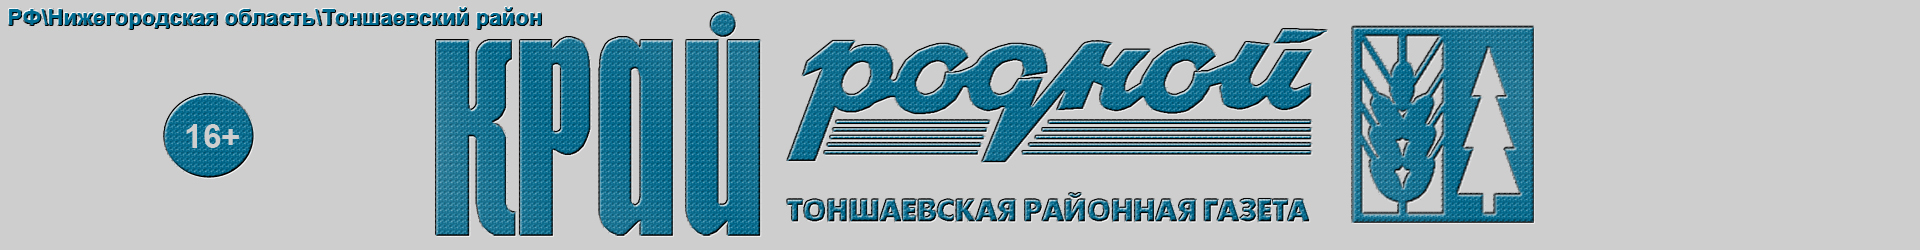 Чемпионы фестиваля ГТО